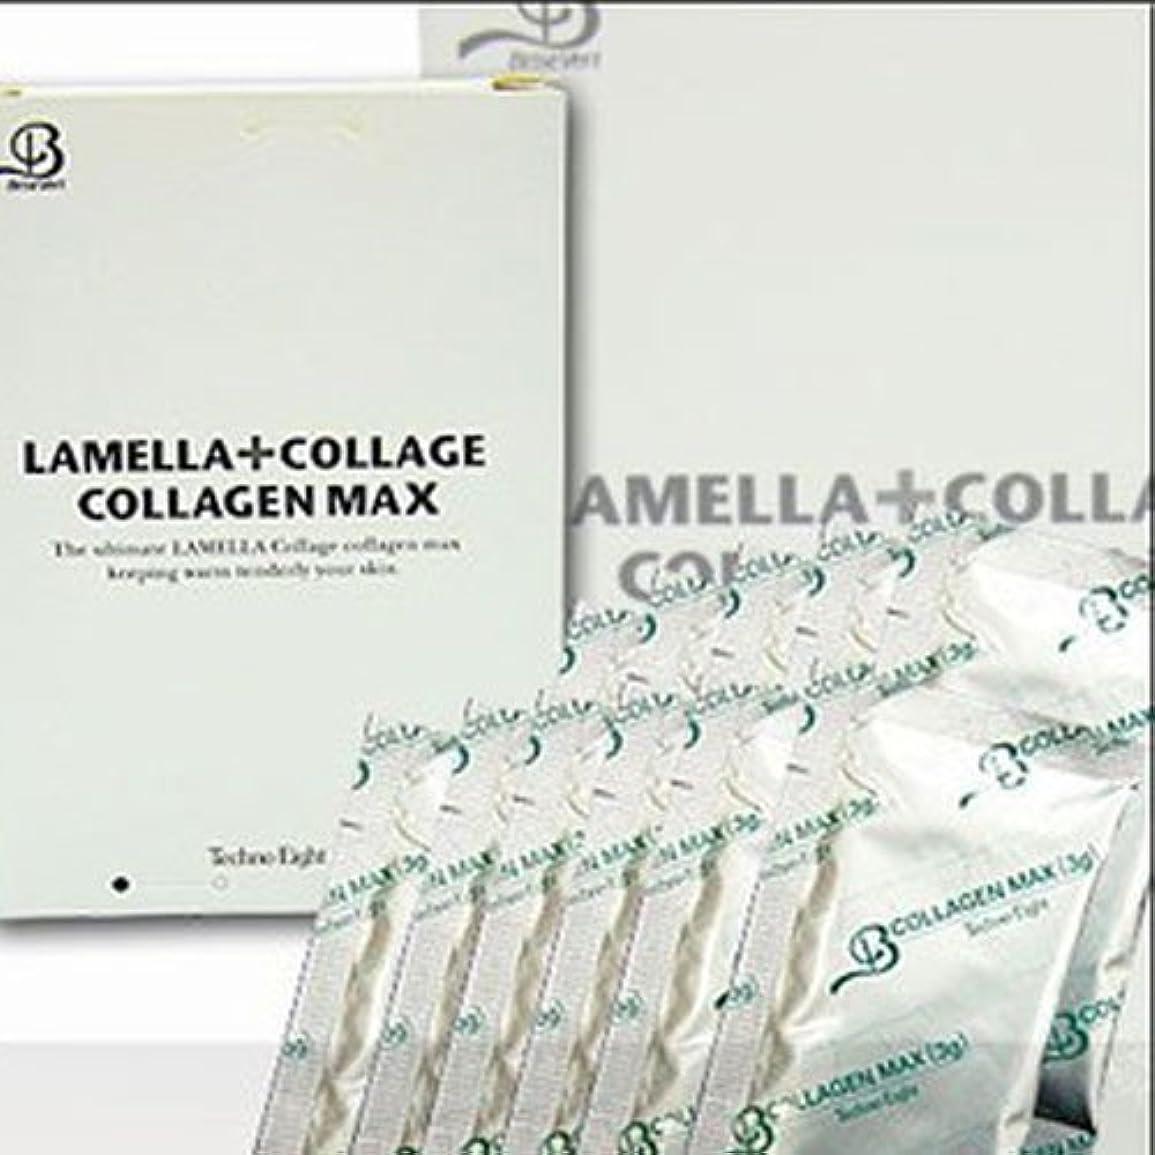 複数モーテル練るテクノエイト ブリーズベール ラメラ コラージュ Collagen MAX 30g (3gX10包) コラーゲンマックス